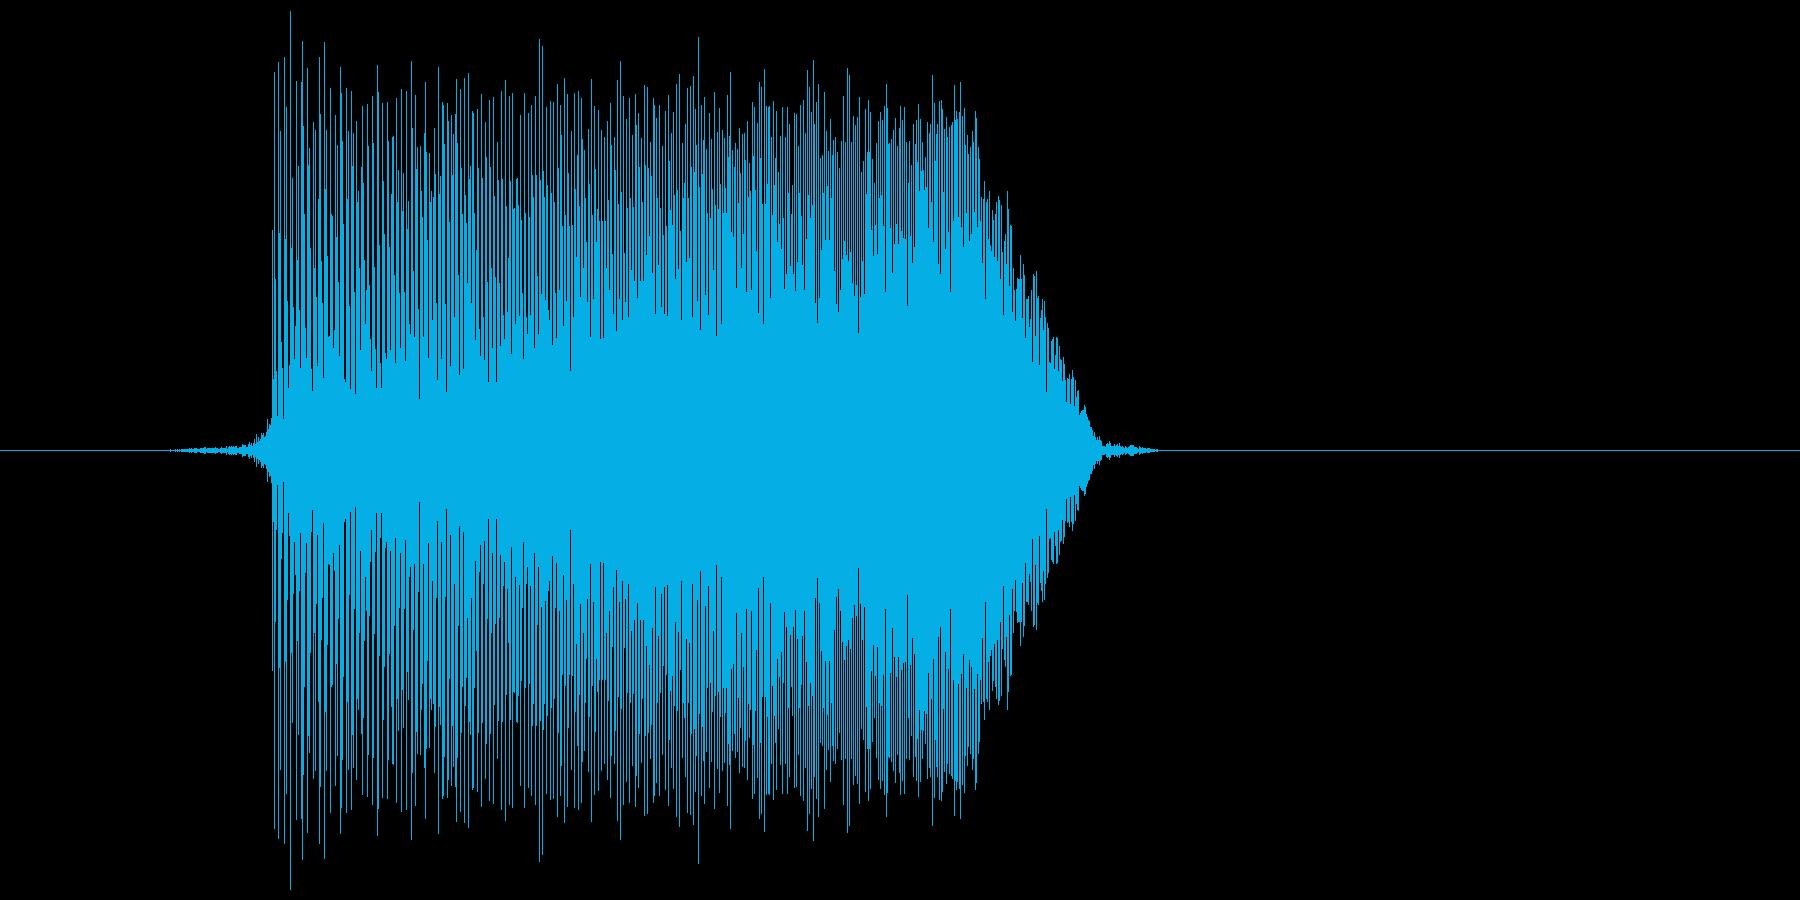 ゲーム(ファミコン風)ジャンプ音_049の再生済みの波形